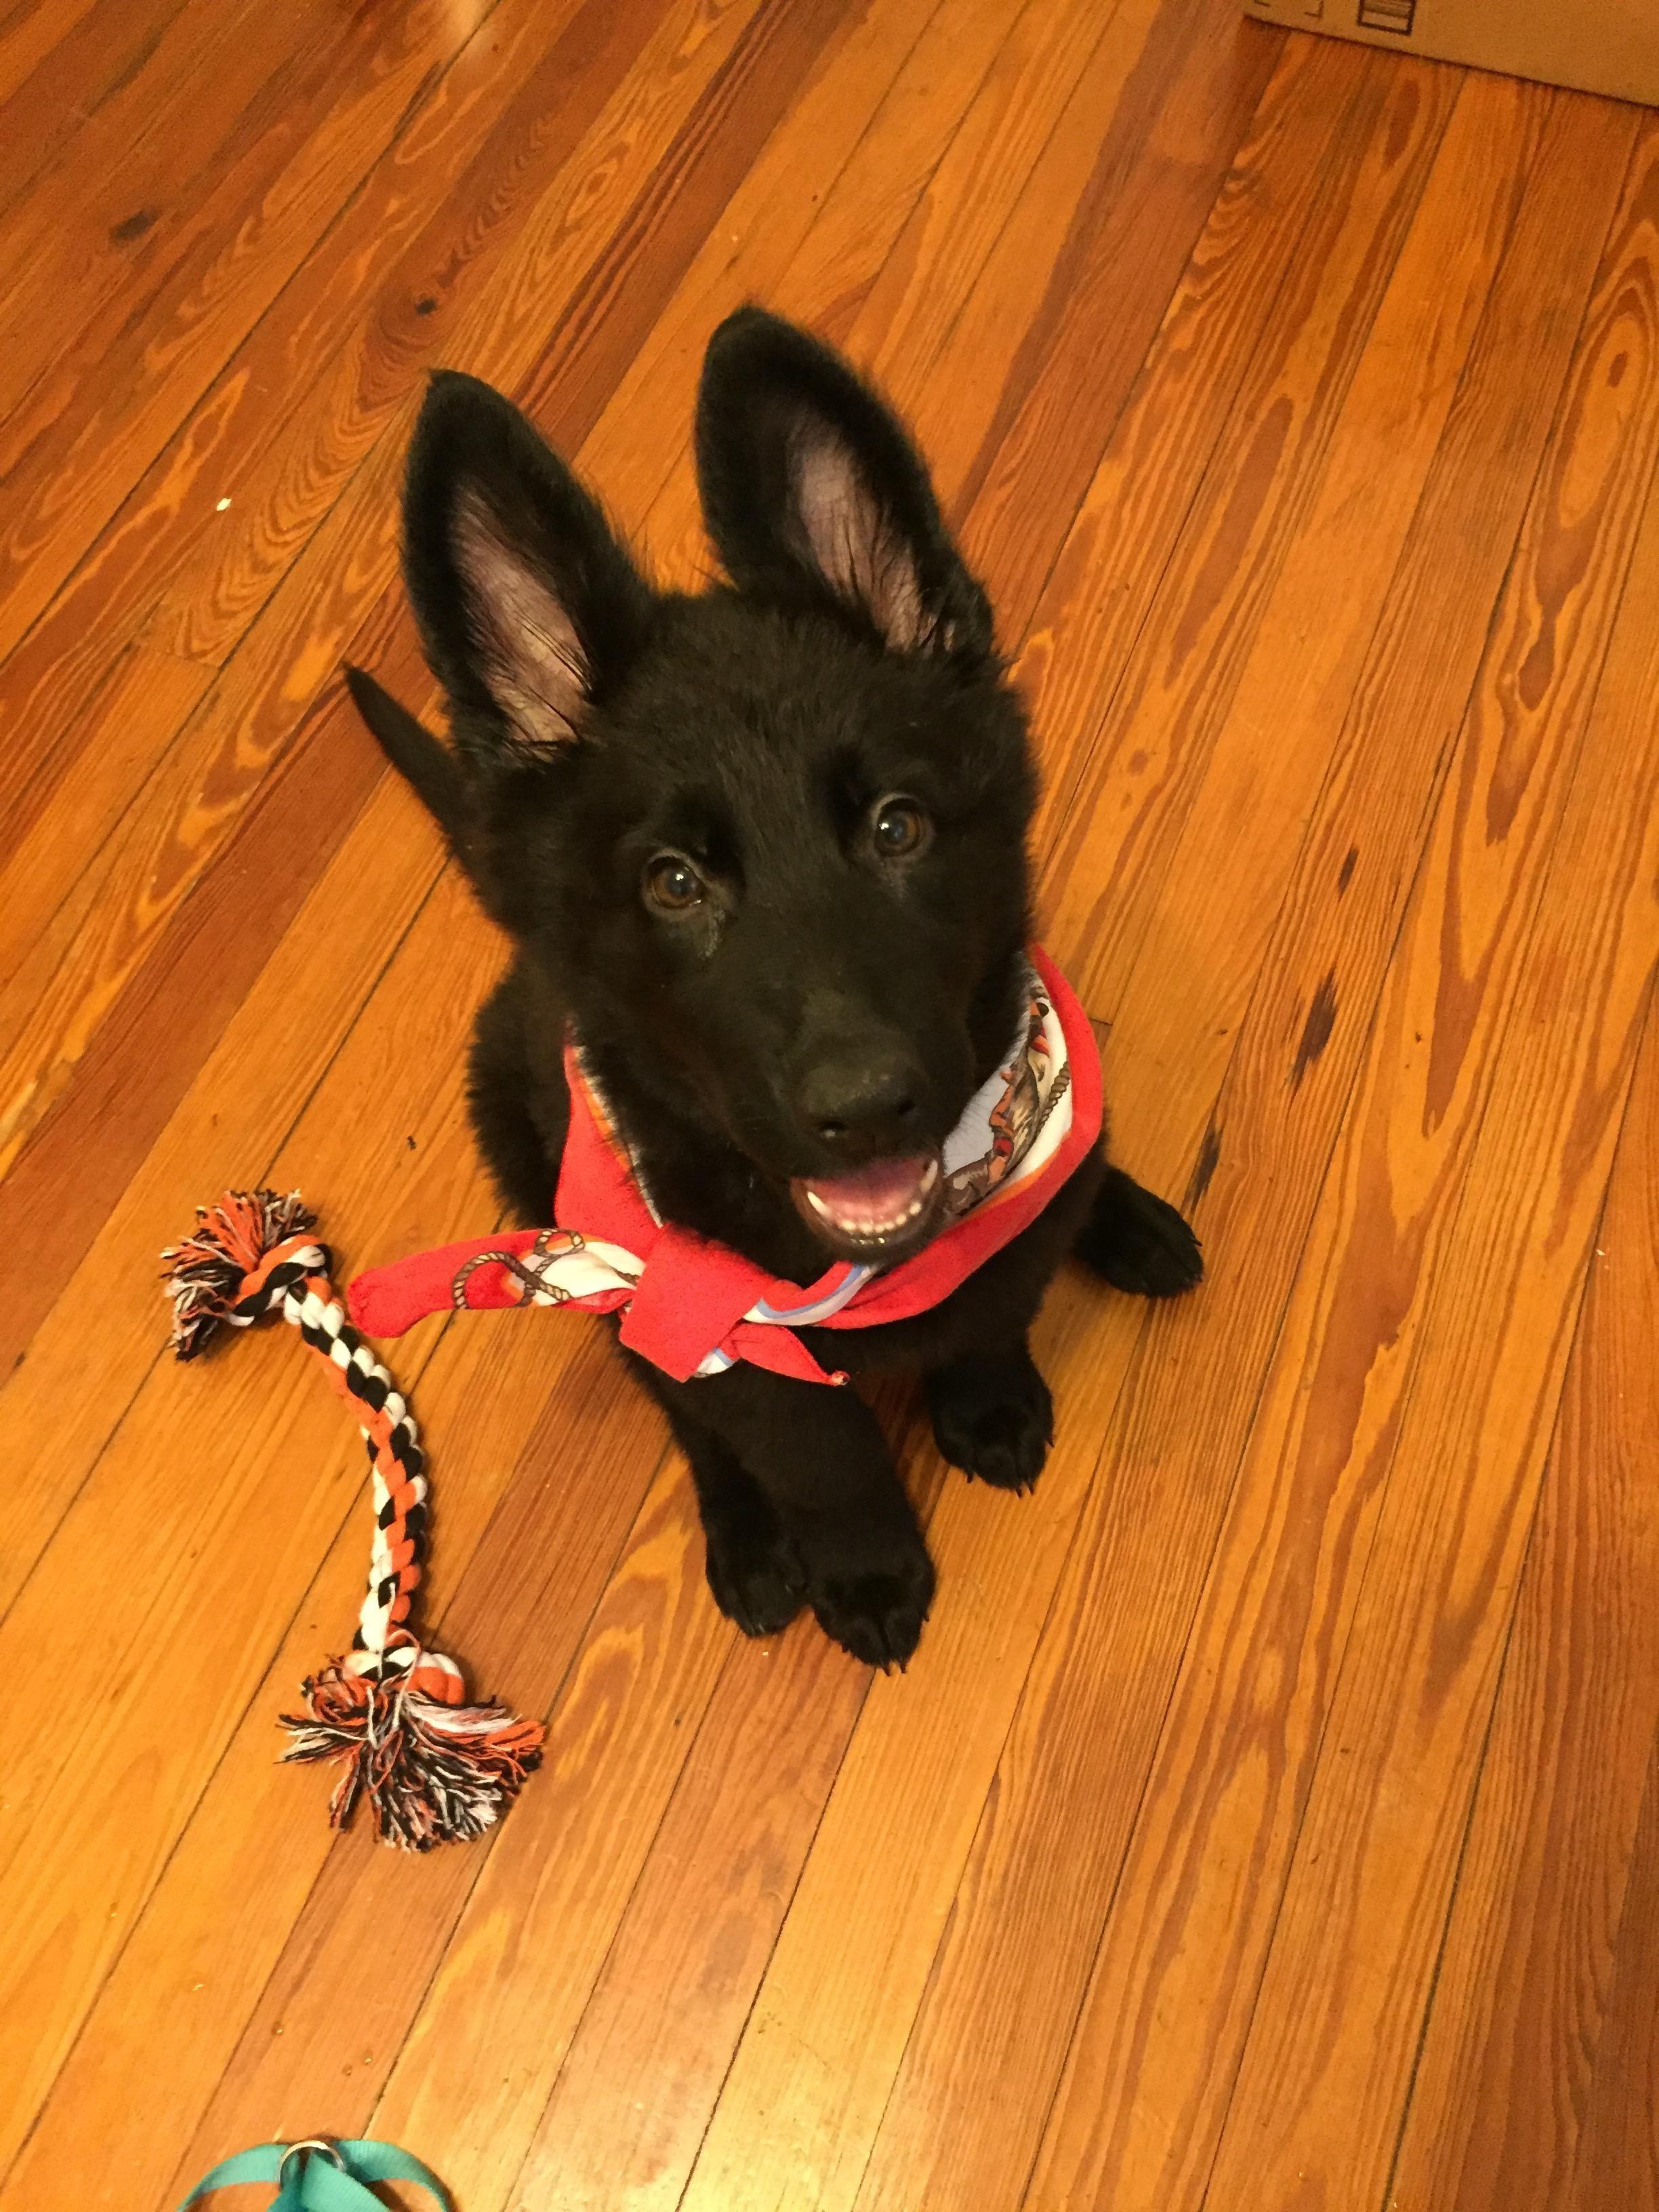 Cute good girl. http//ift.tt/2eK5a2t Gsd puppies